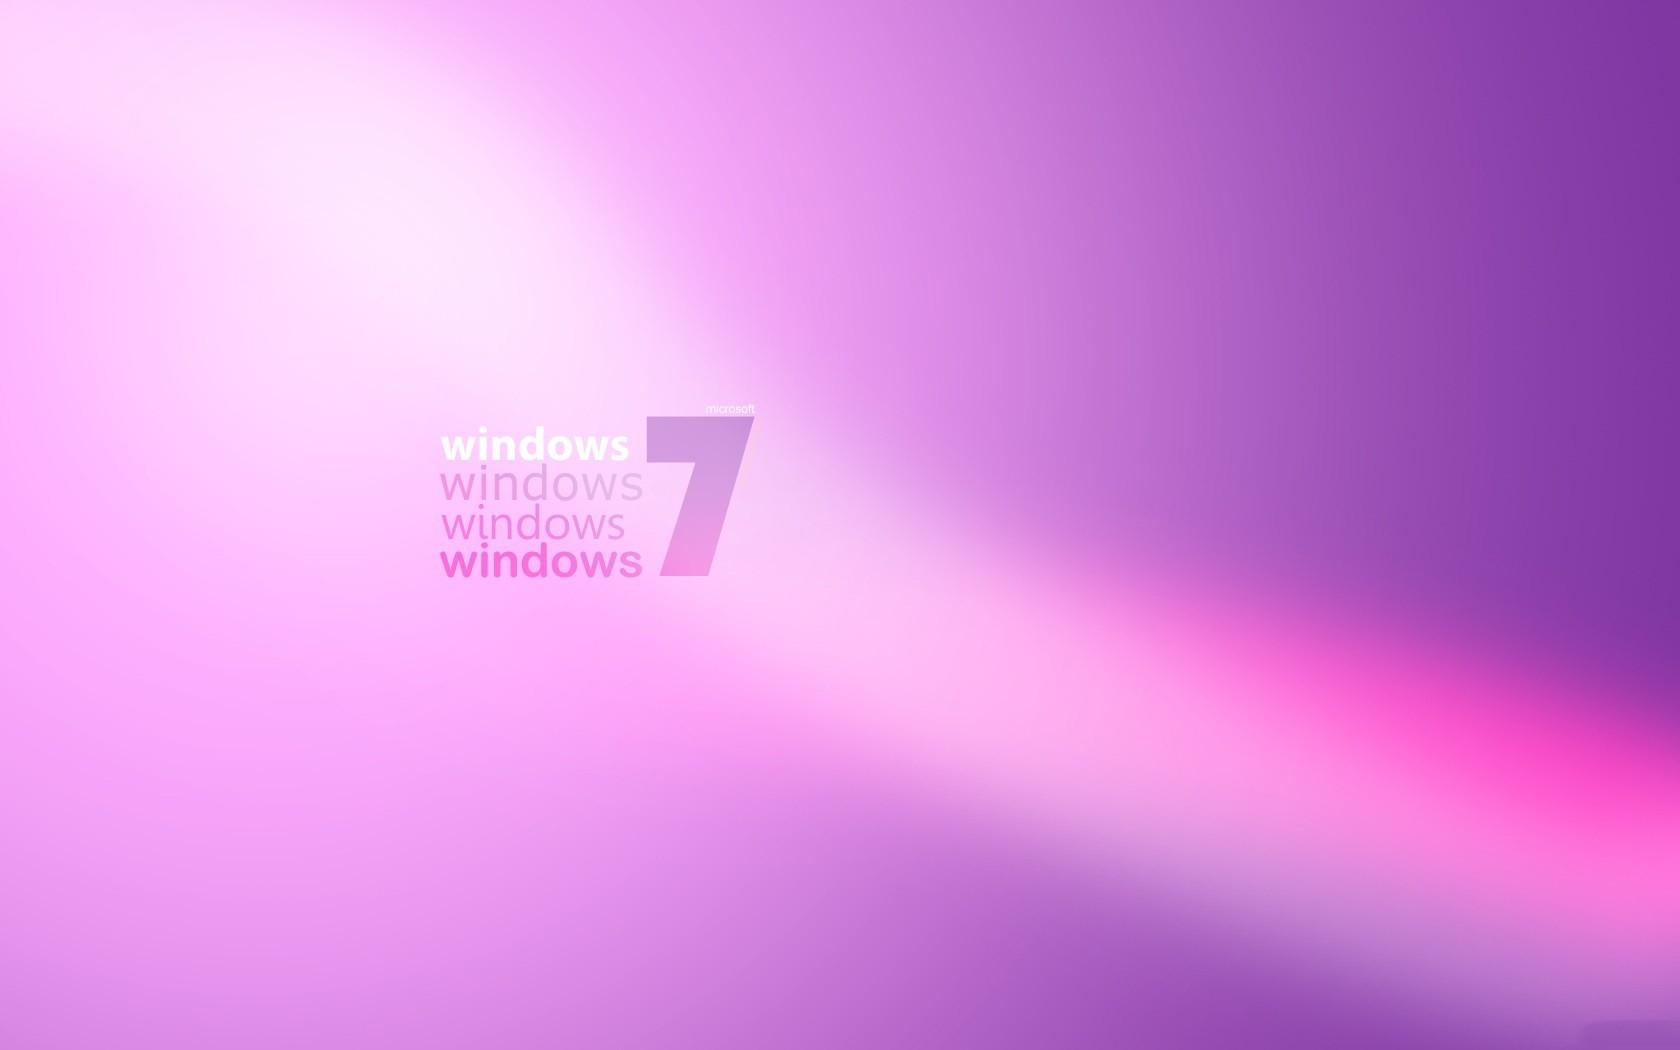 Hình nền : màu tím, bản văn, Logo, vòng tròn, Microsoft Windows, Hồng, nhãn hiệu, Windows 7, Màu đỏ tươi, Hình dạng, hàng, Ảnh chụp màn hình, Hình nền máy ...